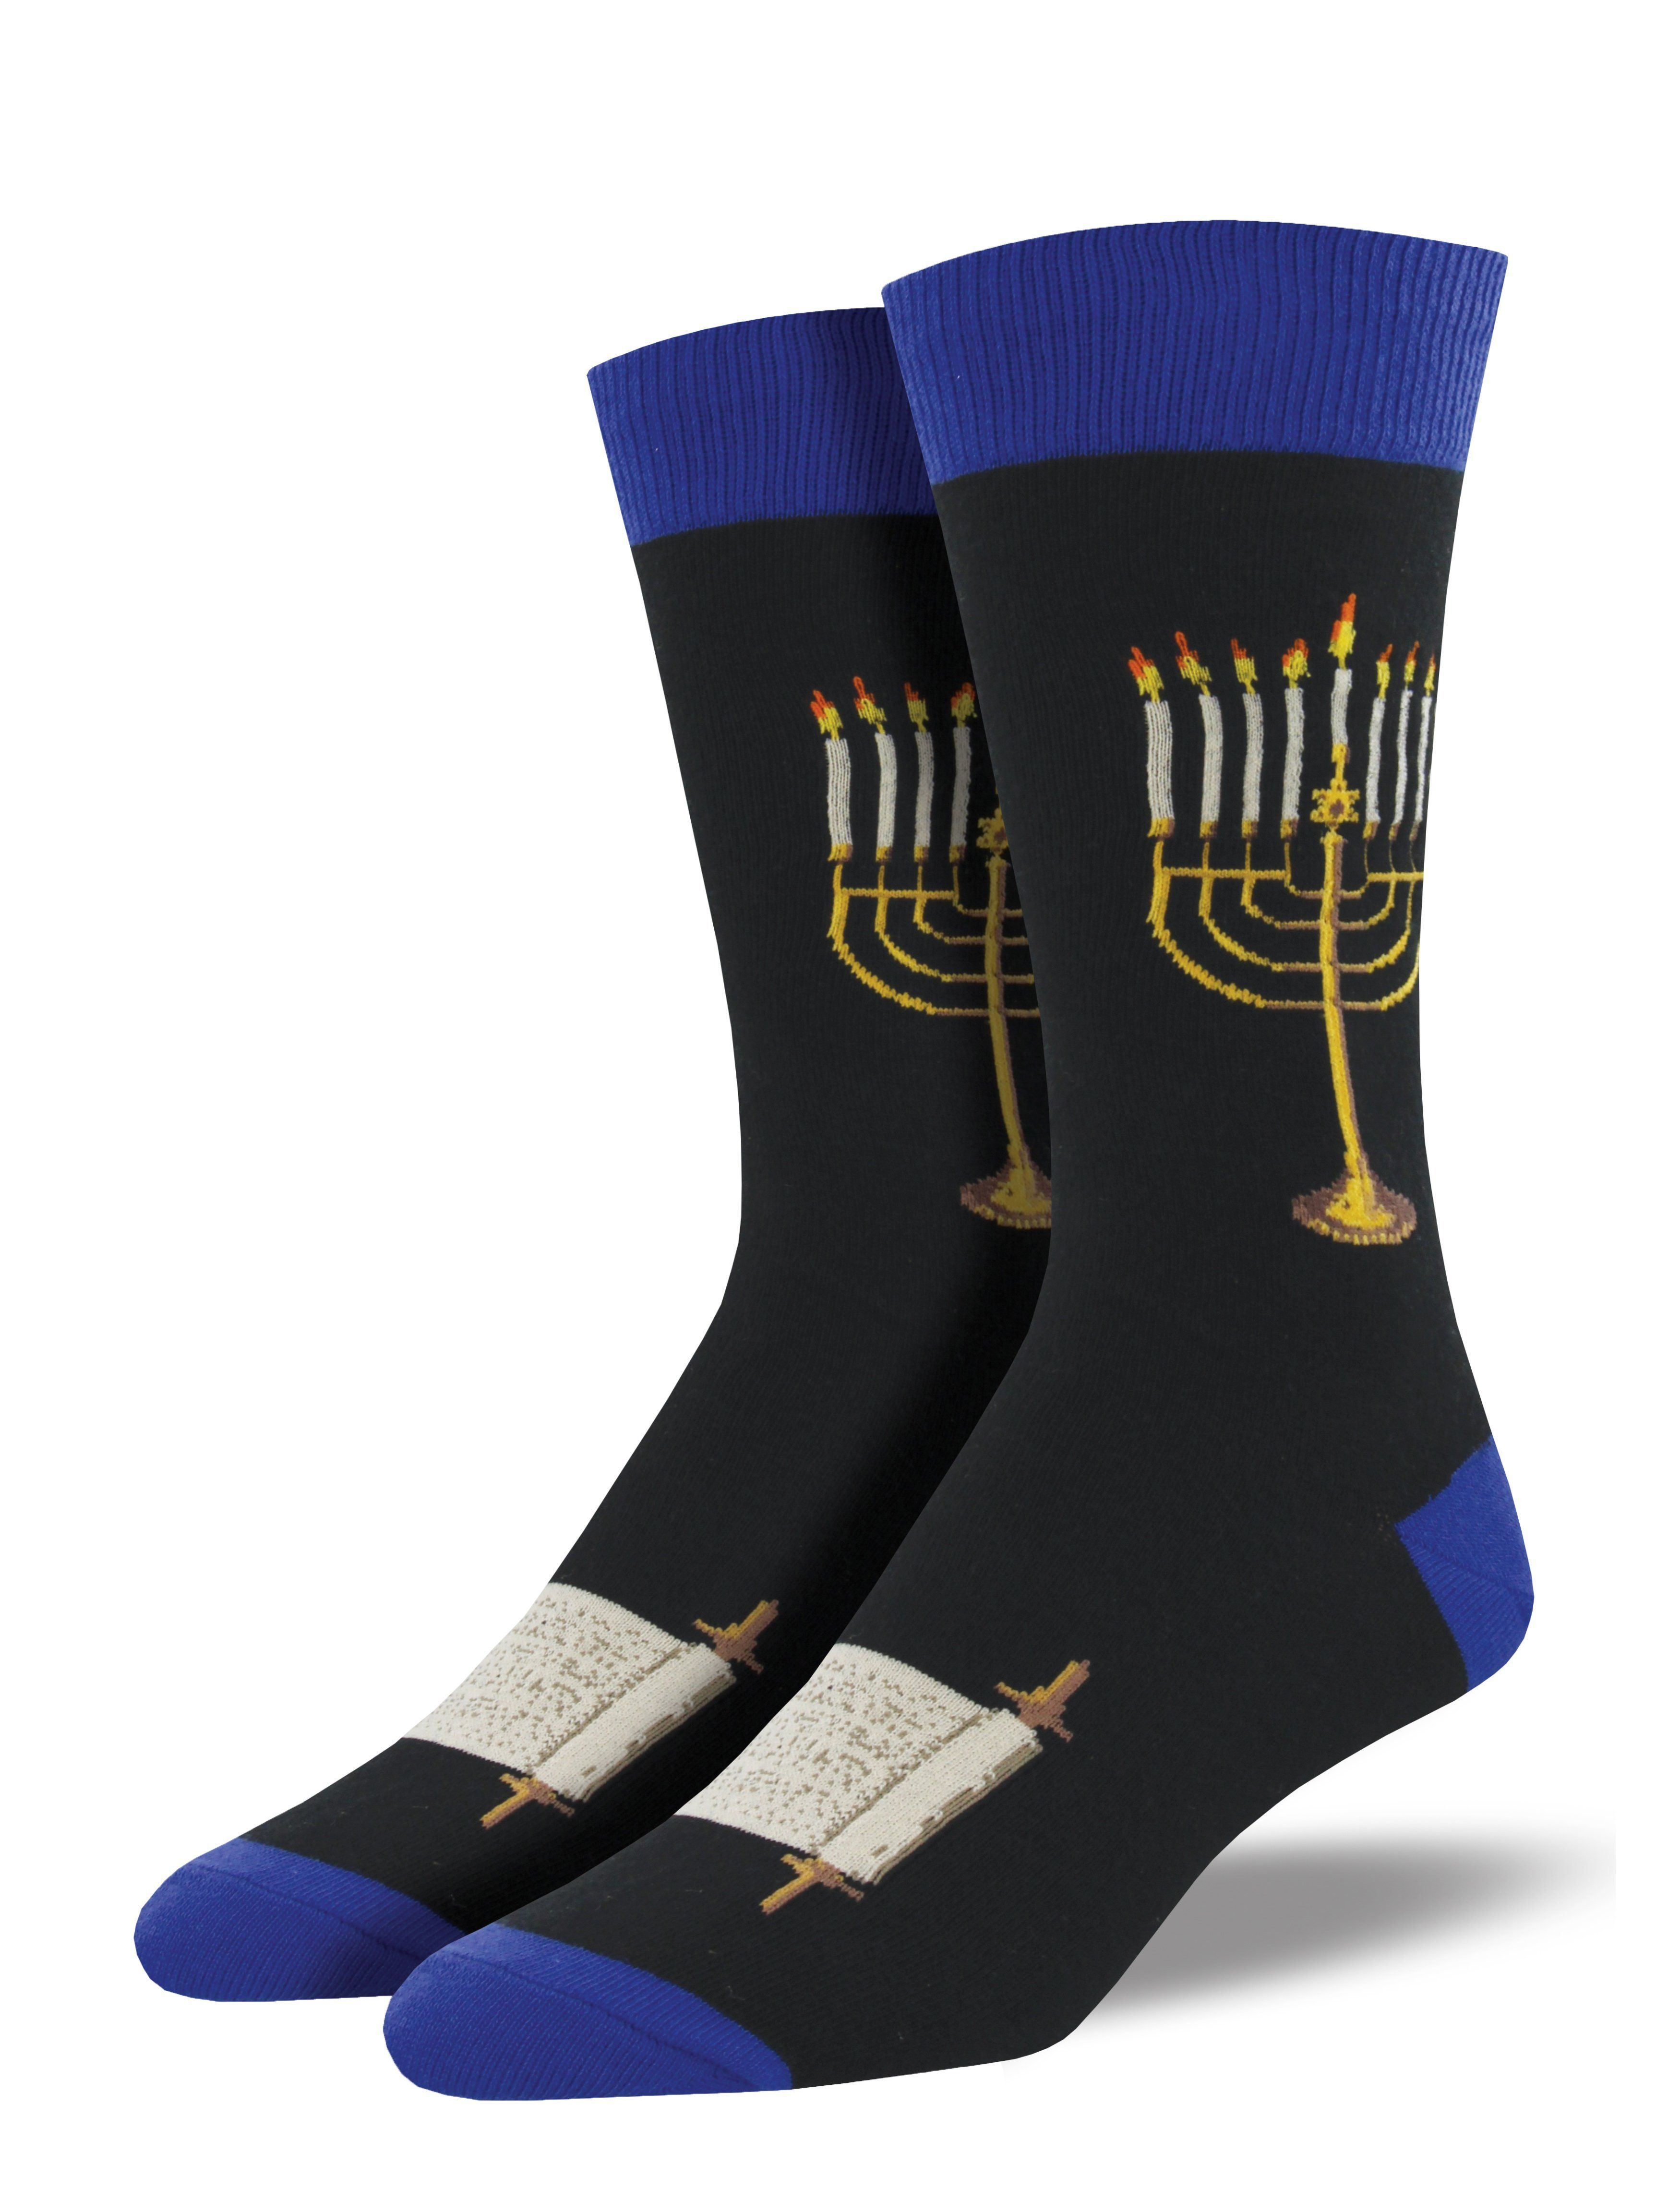 Men's Menorah Socks Socks, Holiday socks, Hanukkah menorah